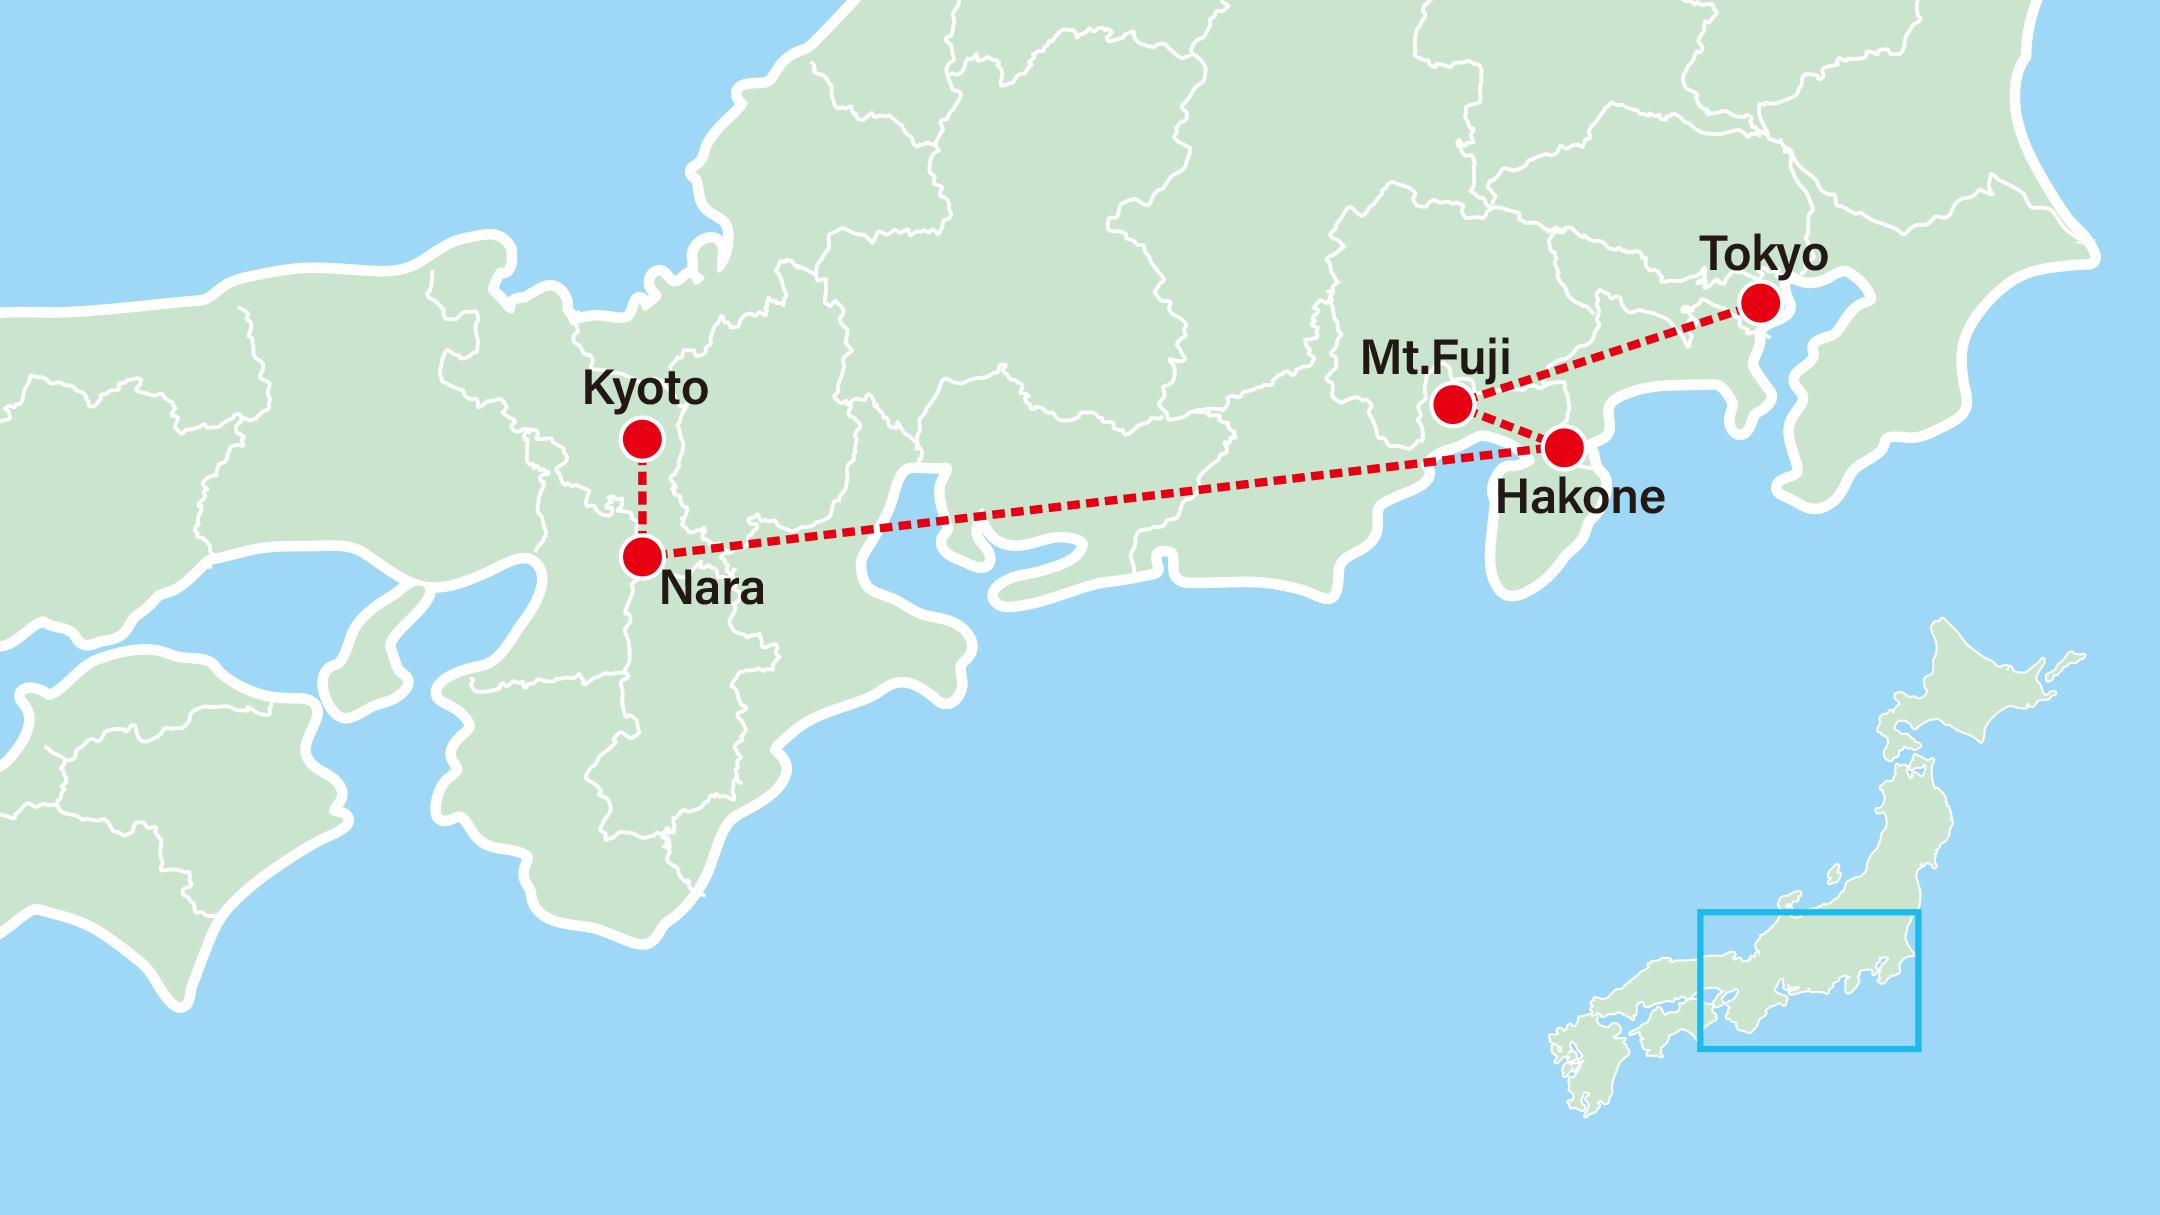 Kyoto Gion Festival 8 Days-Tokyo-Hakone-Kyoto-Gion Festival-Nara